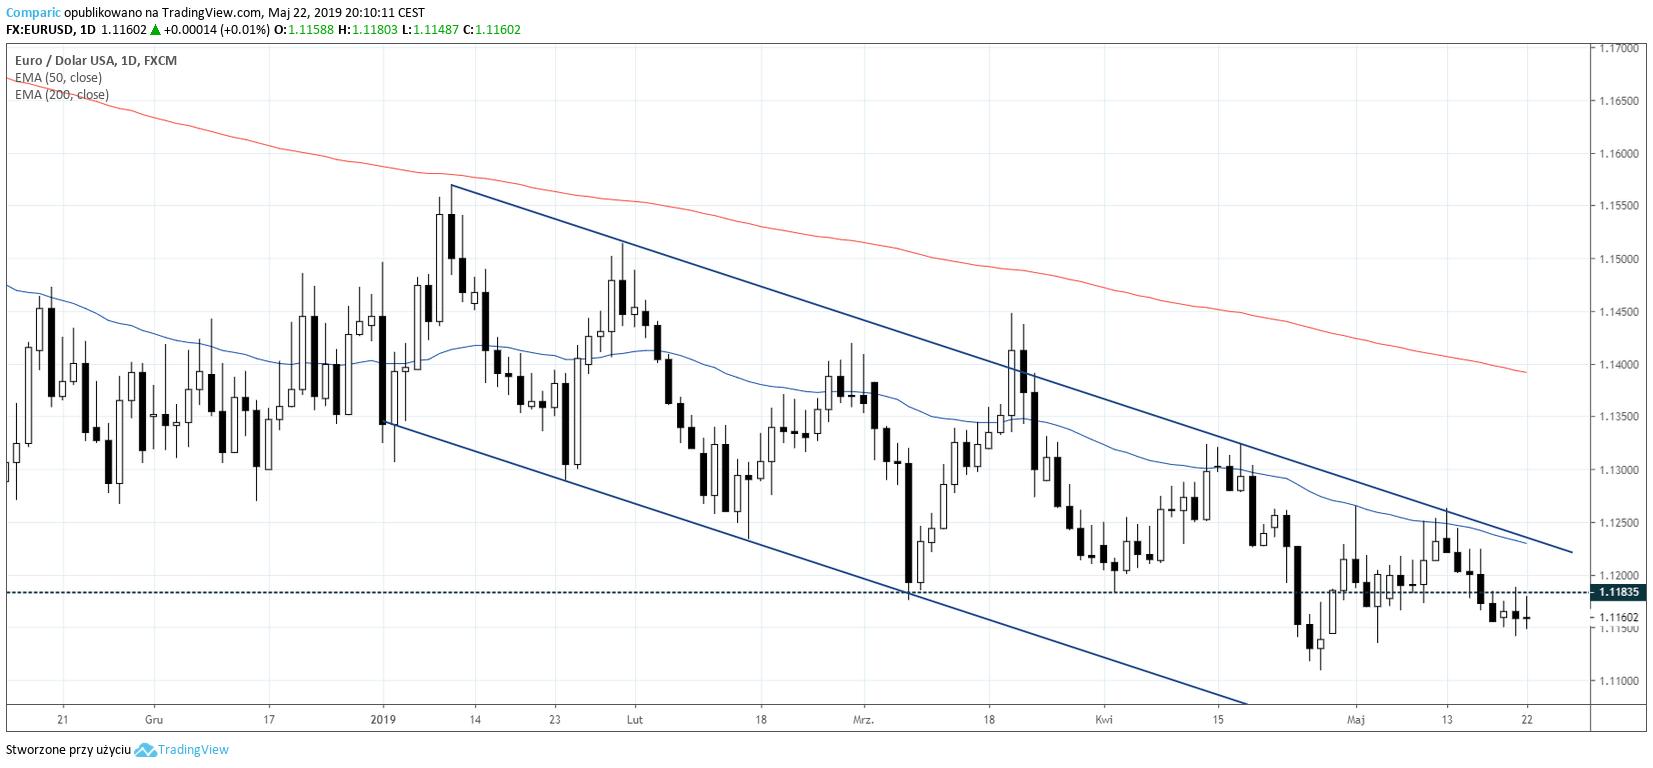 Kurs euro do dolara na wykresie D1